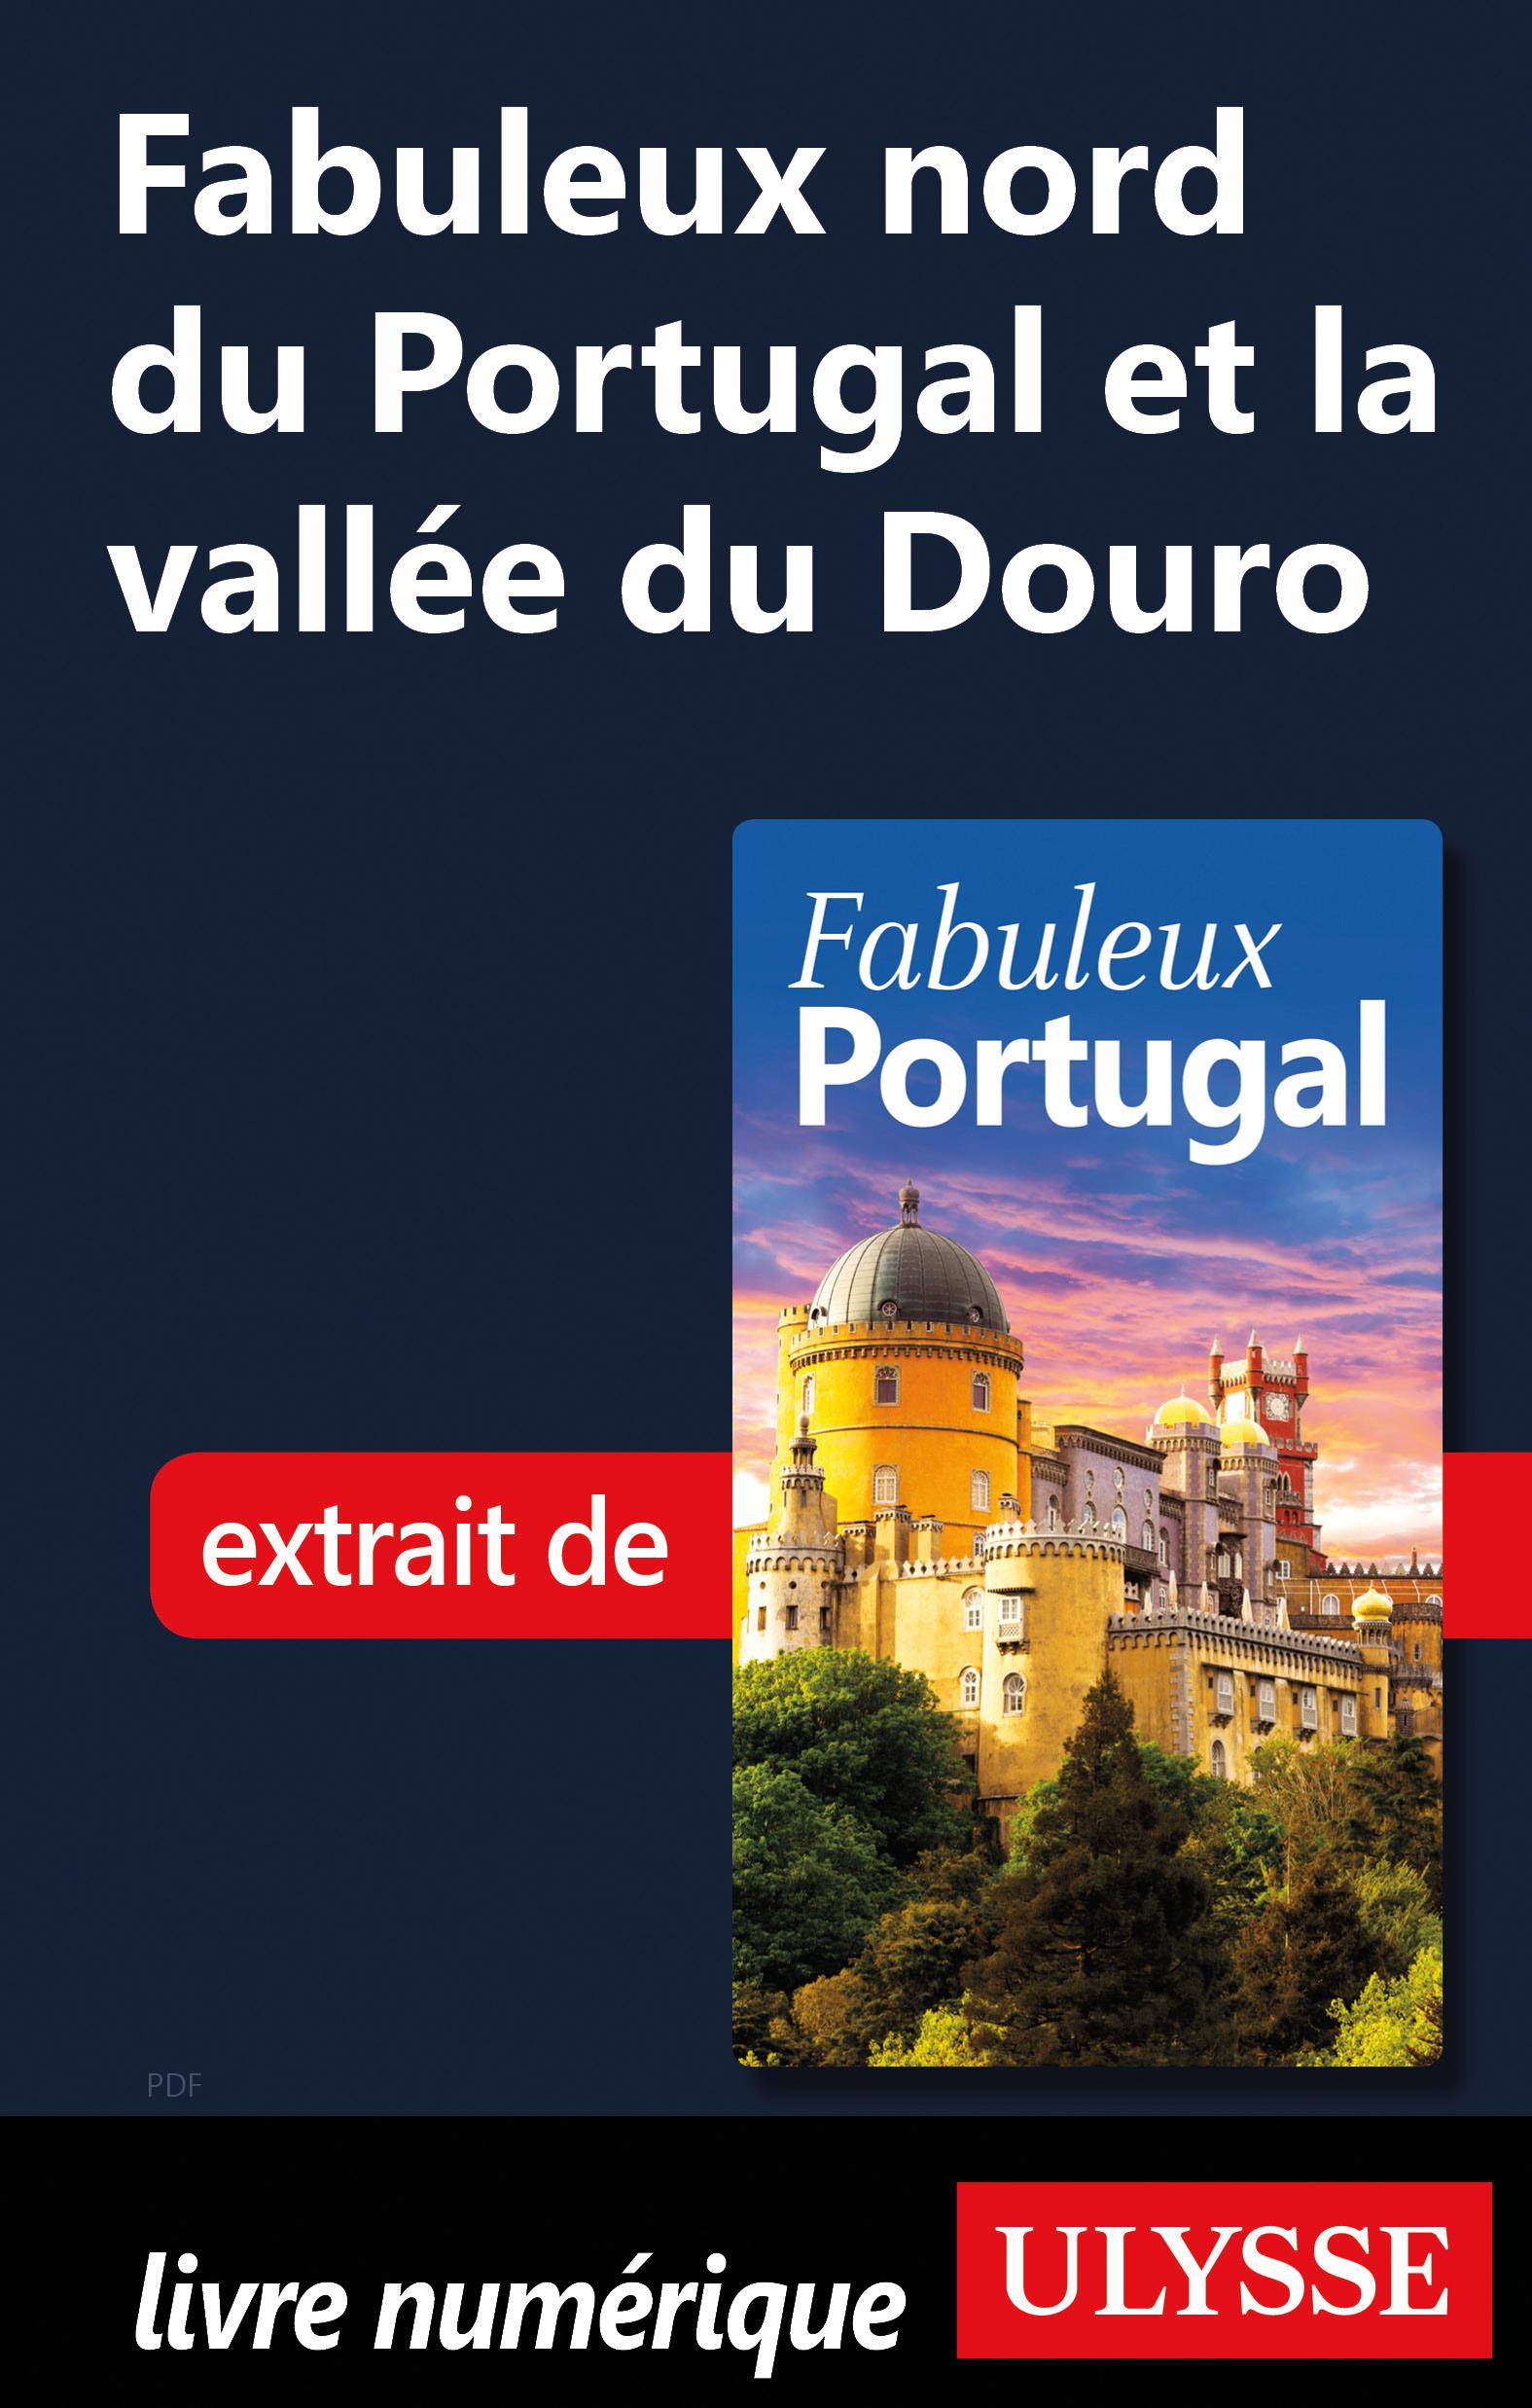 Fabuleux nord du Portugal et la vallée du Douro